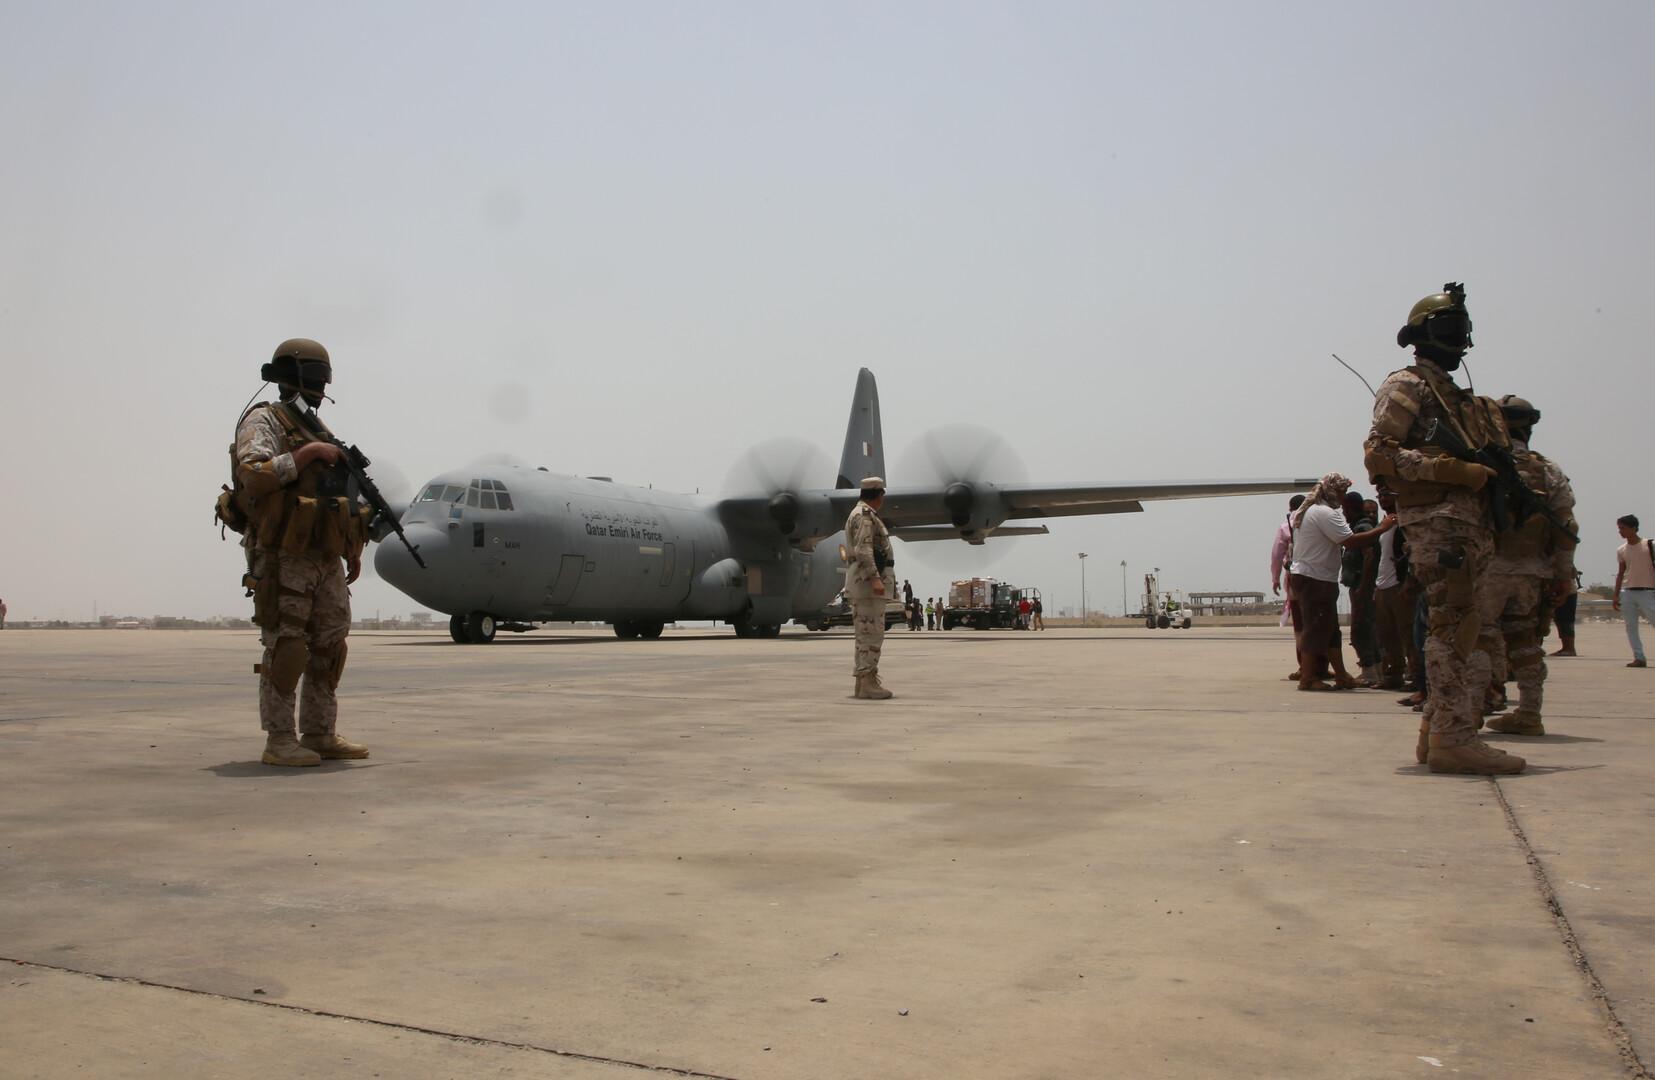 عناصر من القوات الإماراتية في مطار عدن الدولي